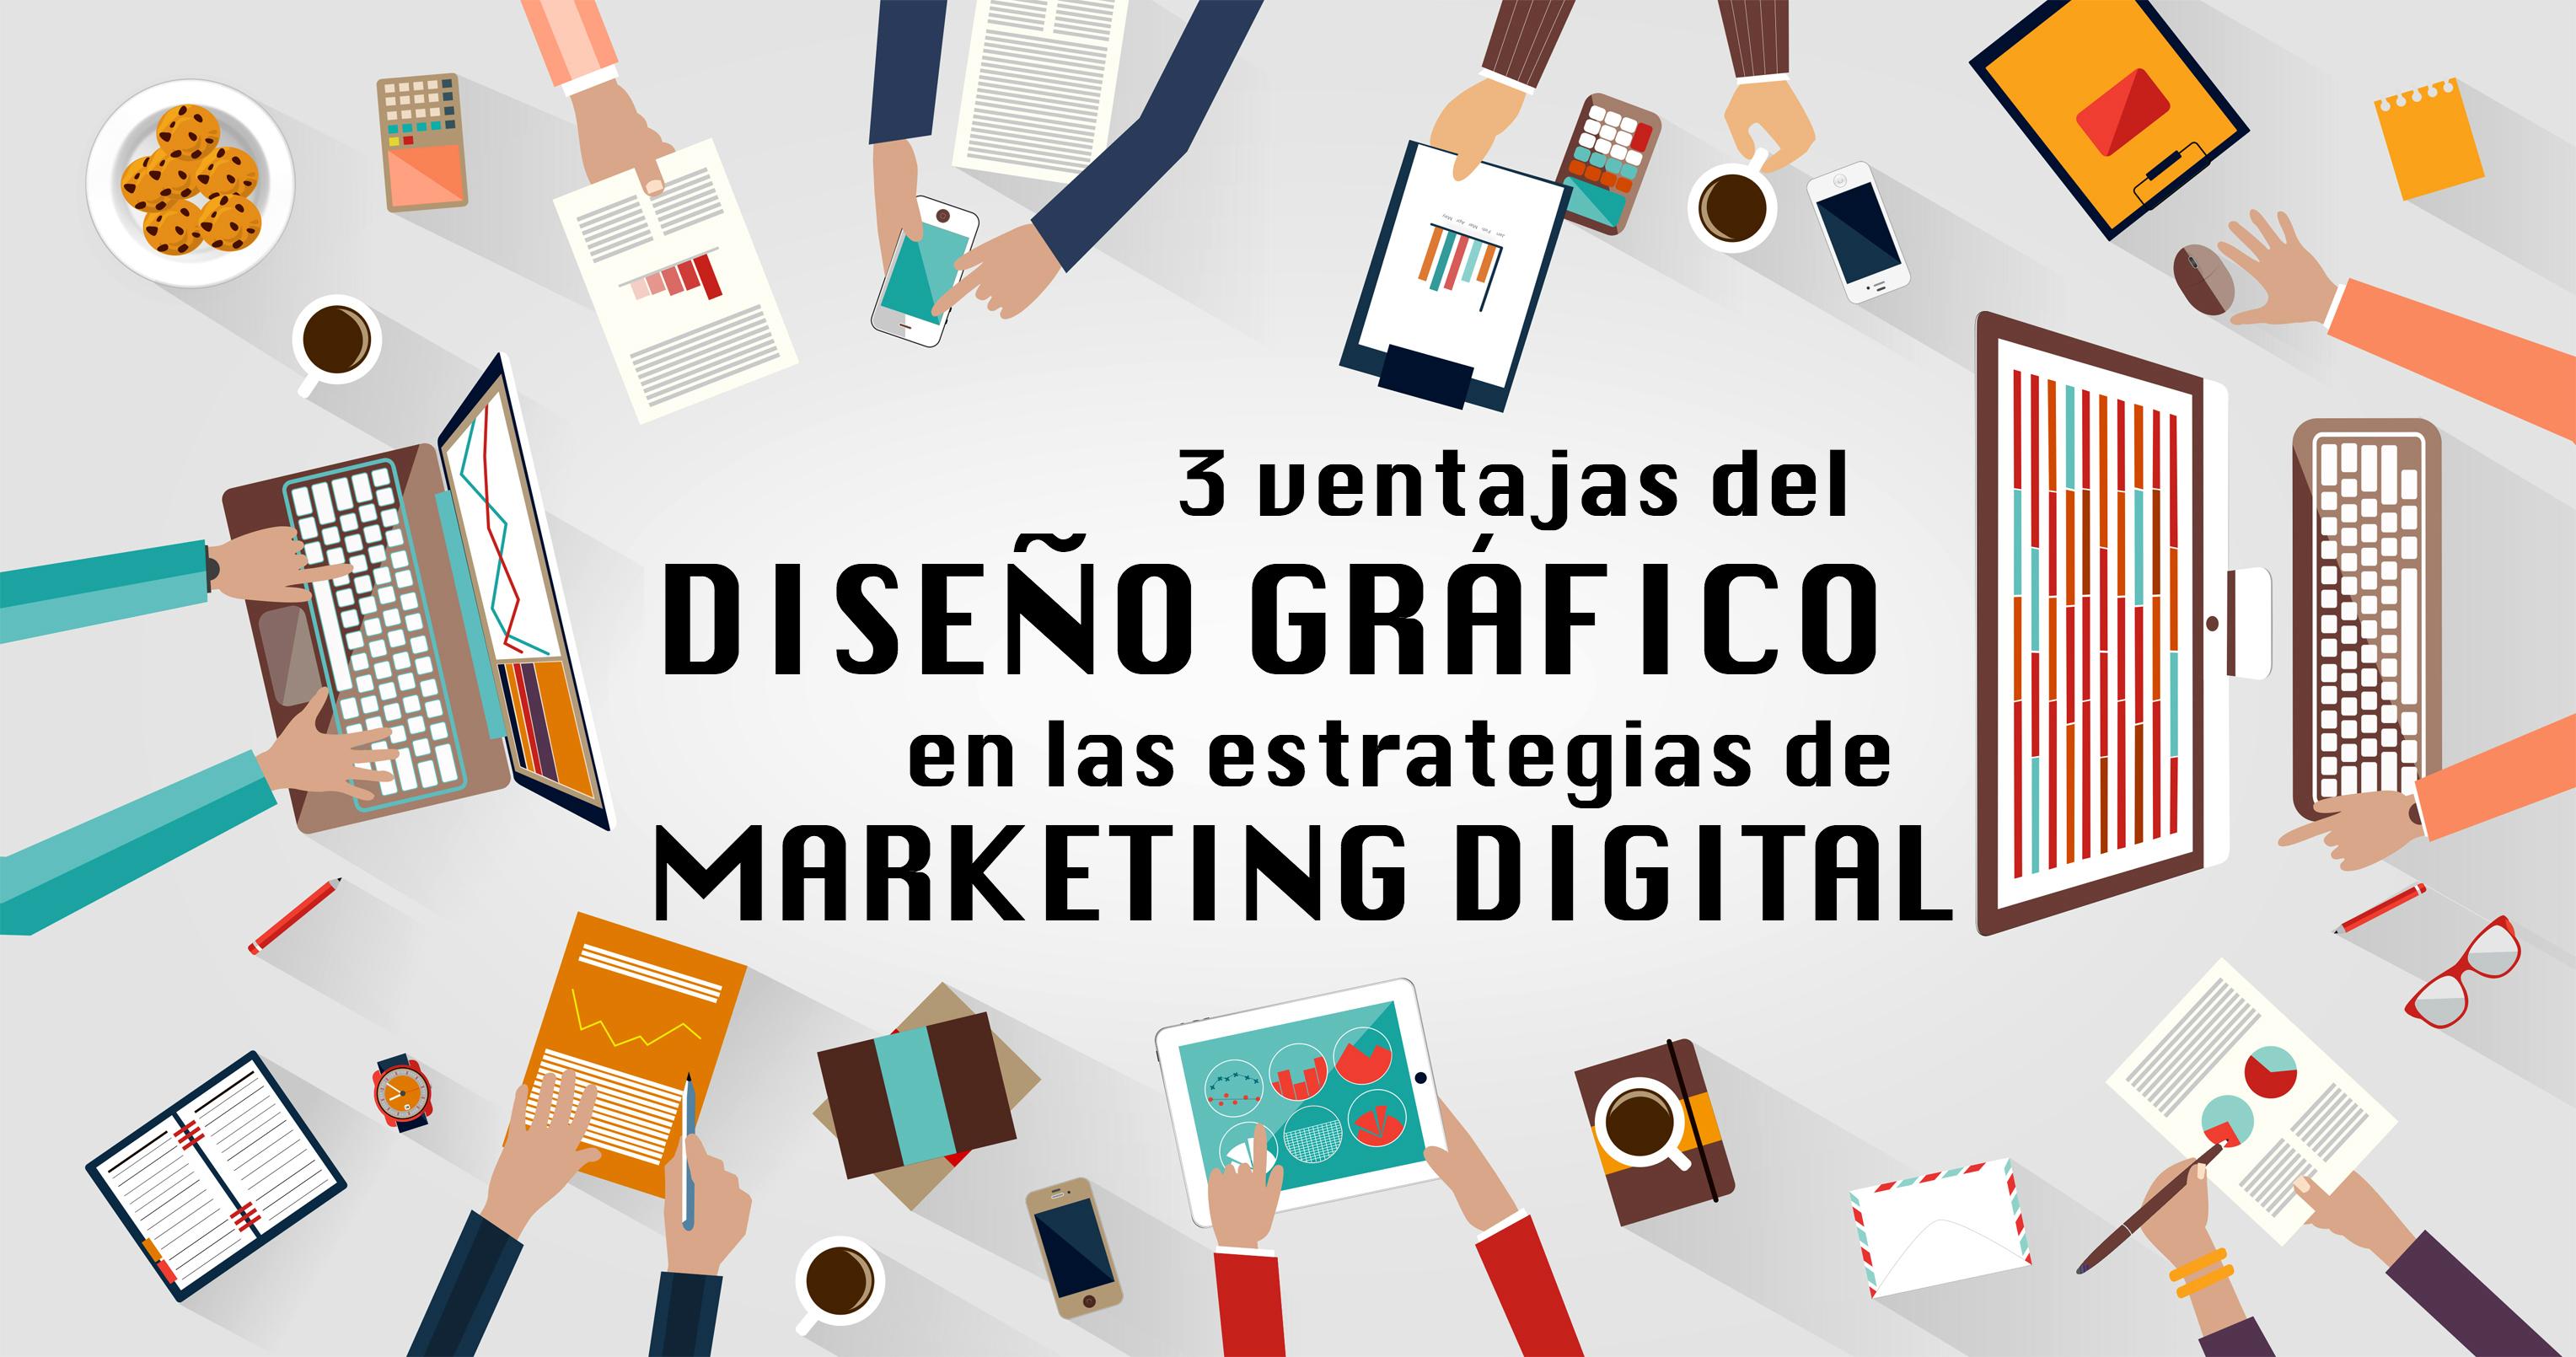 ¿Cuál es la importancia del diseño gráfico en el marketing digital? Te damos 3 razones para convencerte de su trascendencia.